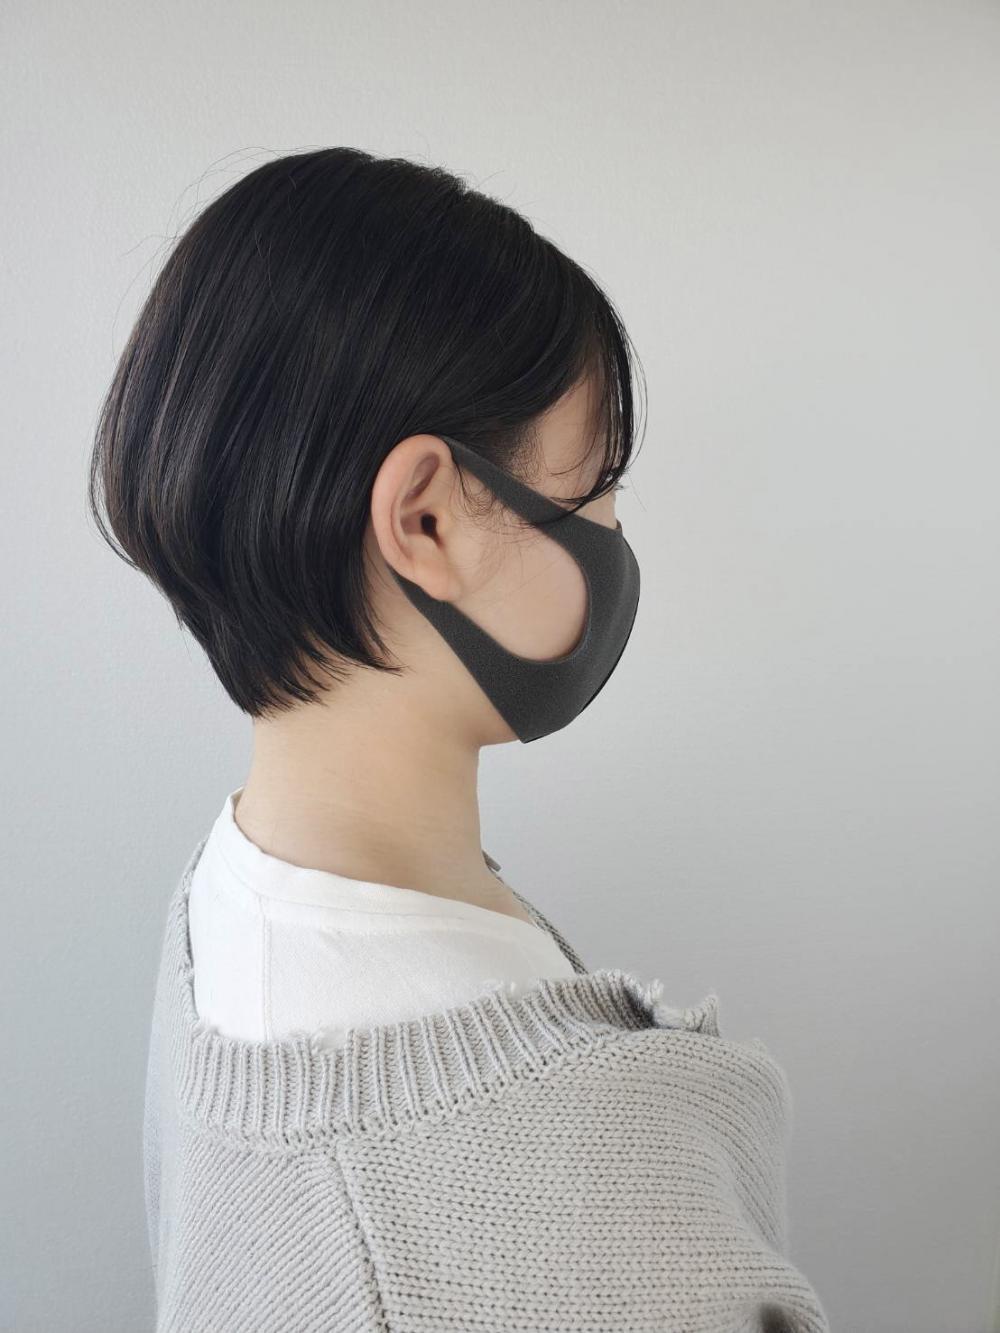 【MICHI 富田店 谷川奈津希】耳かけ丸みショート